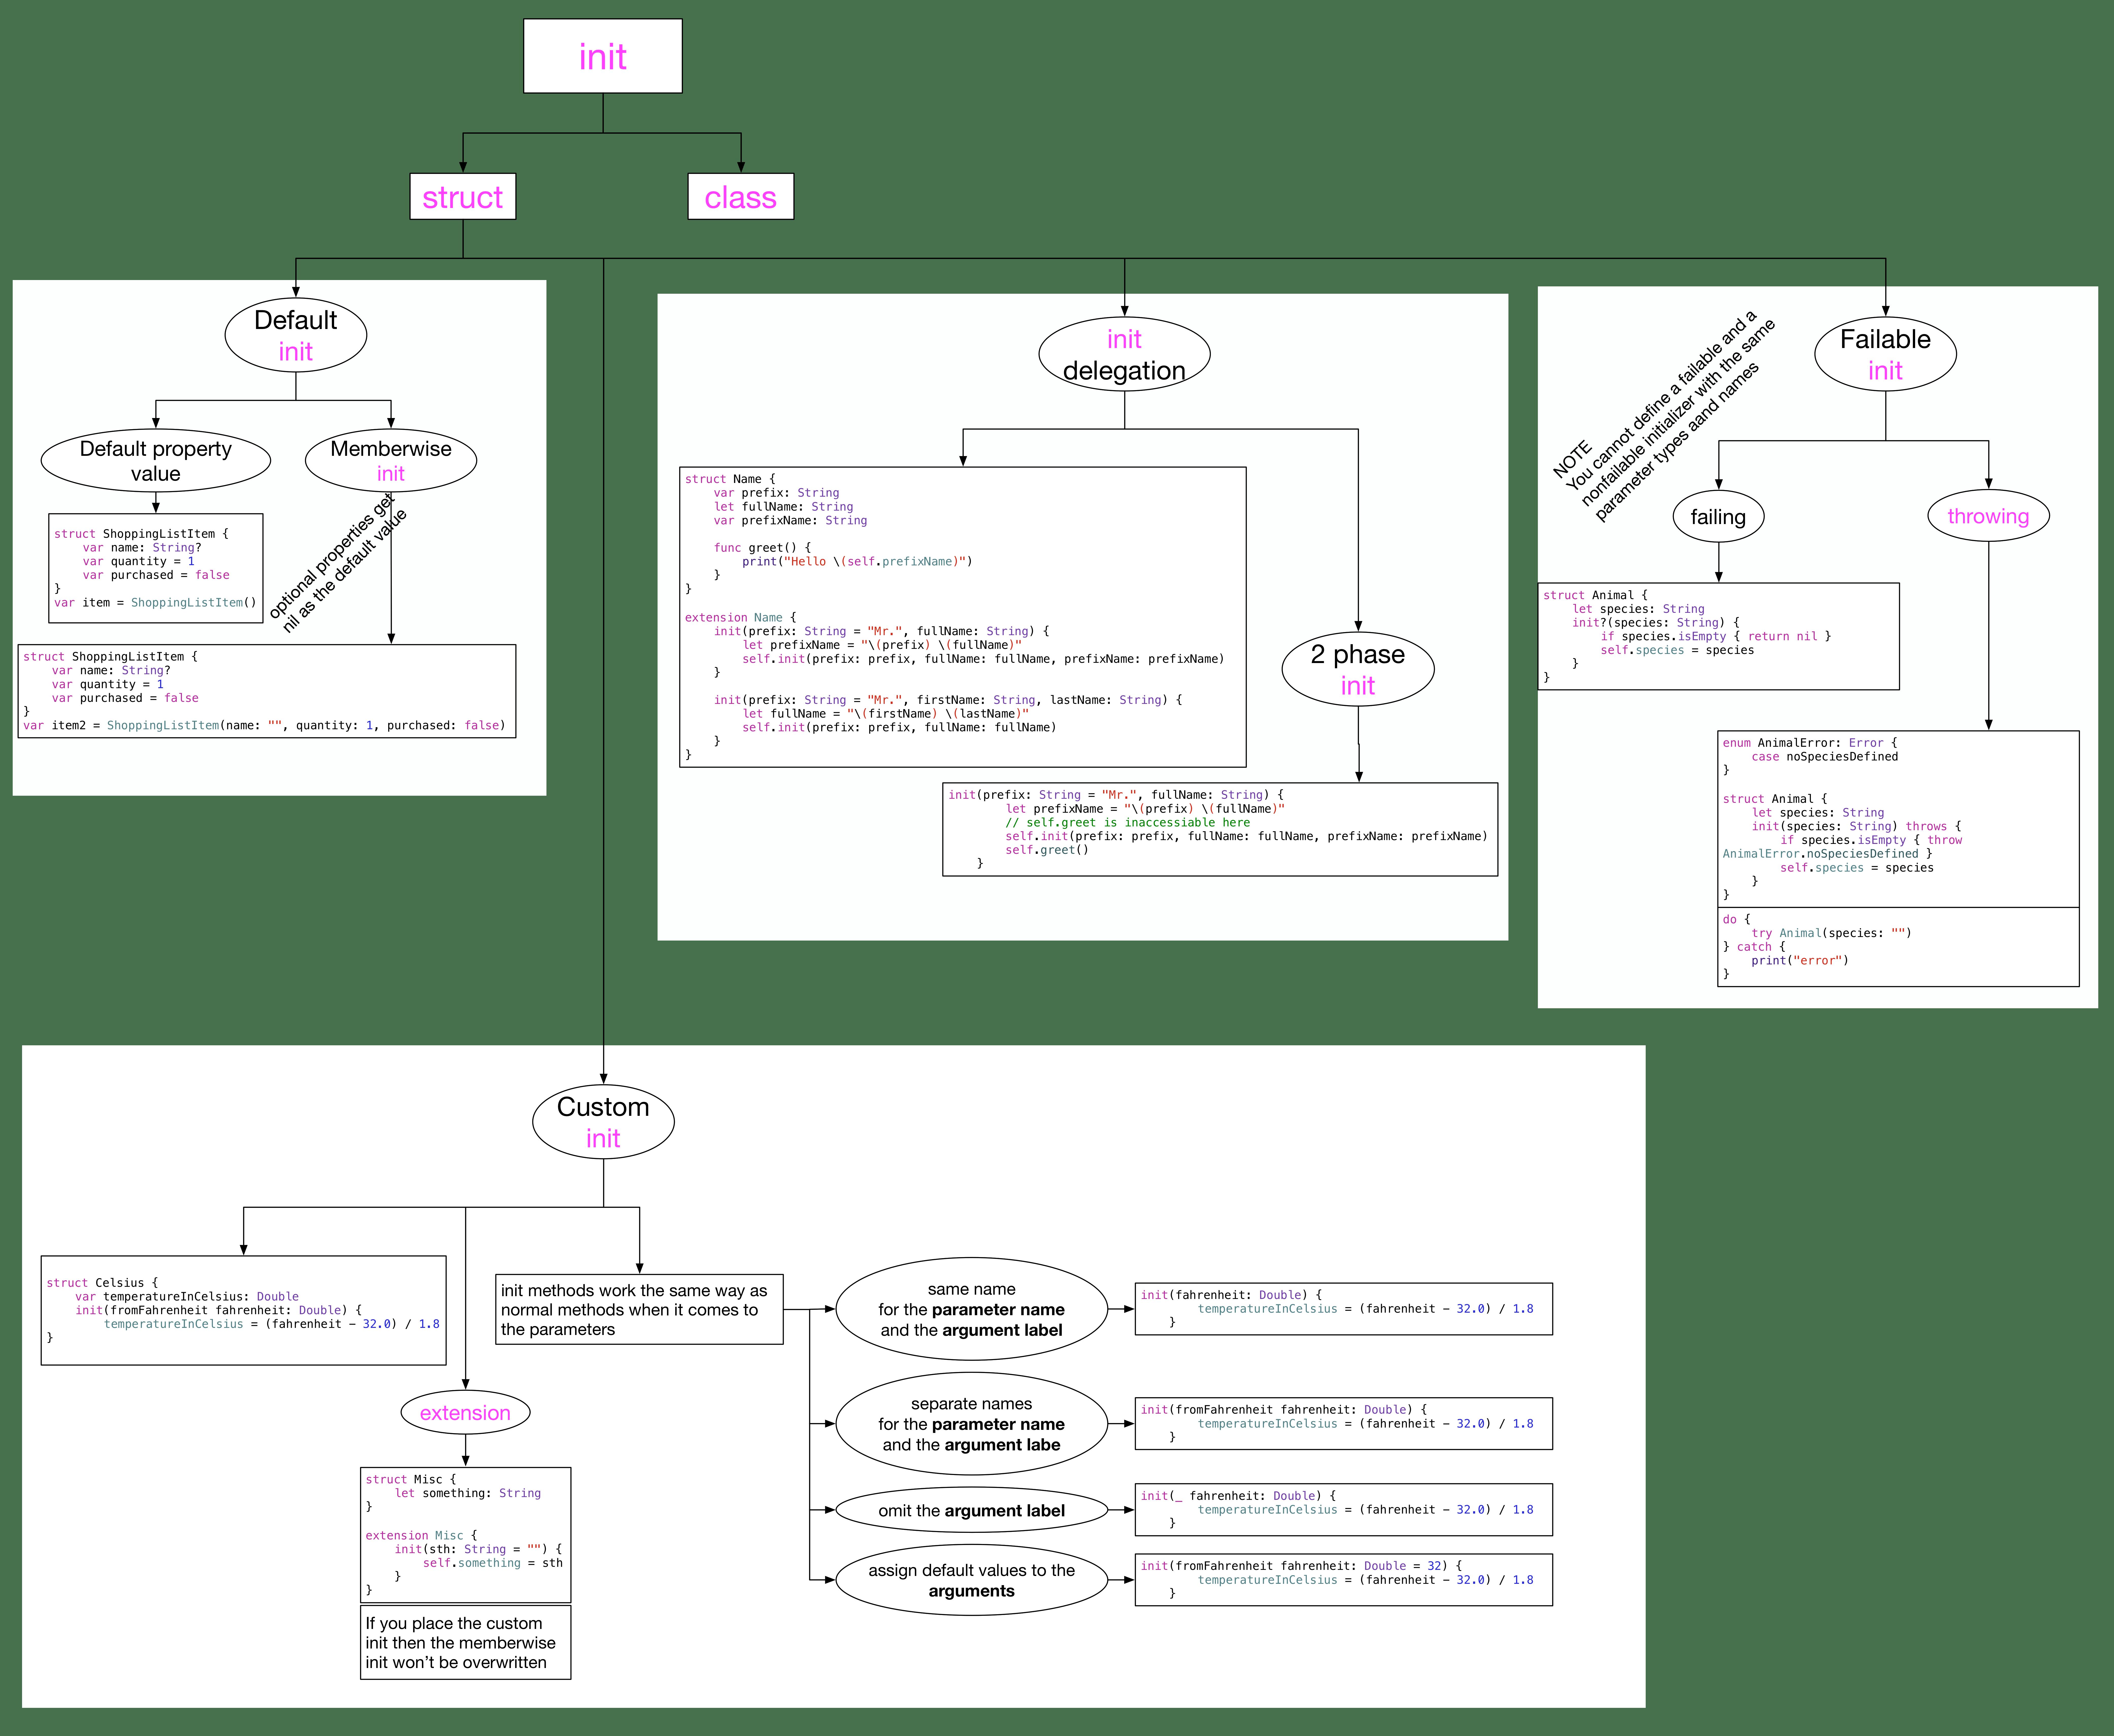 struct init diagram